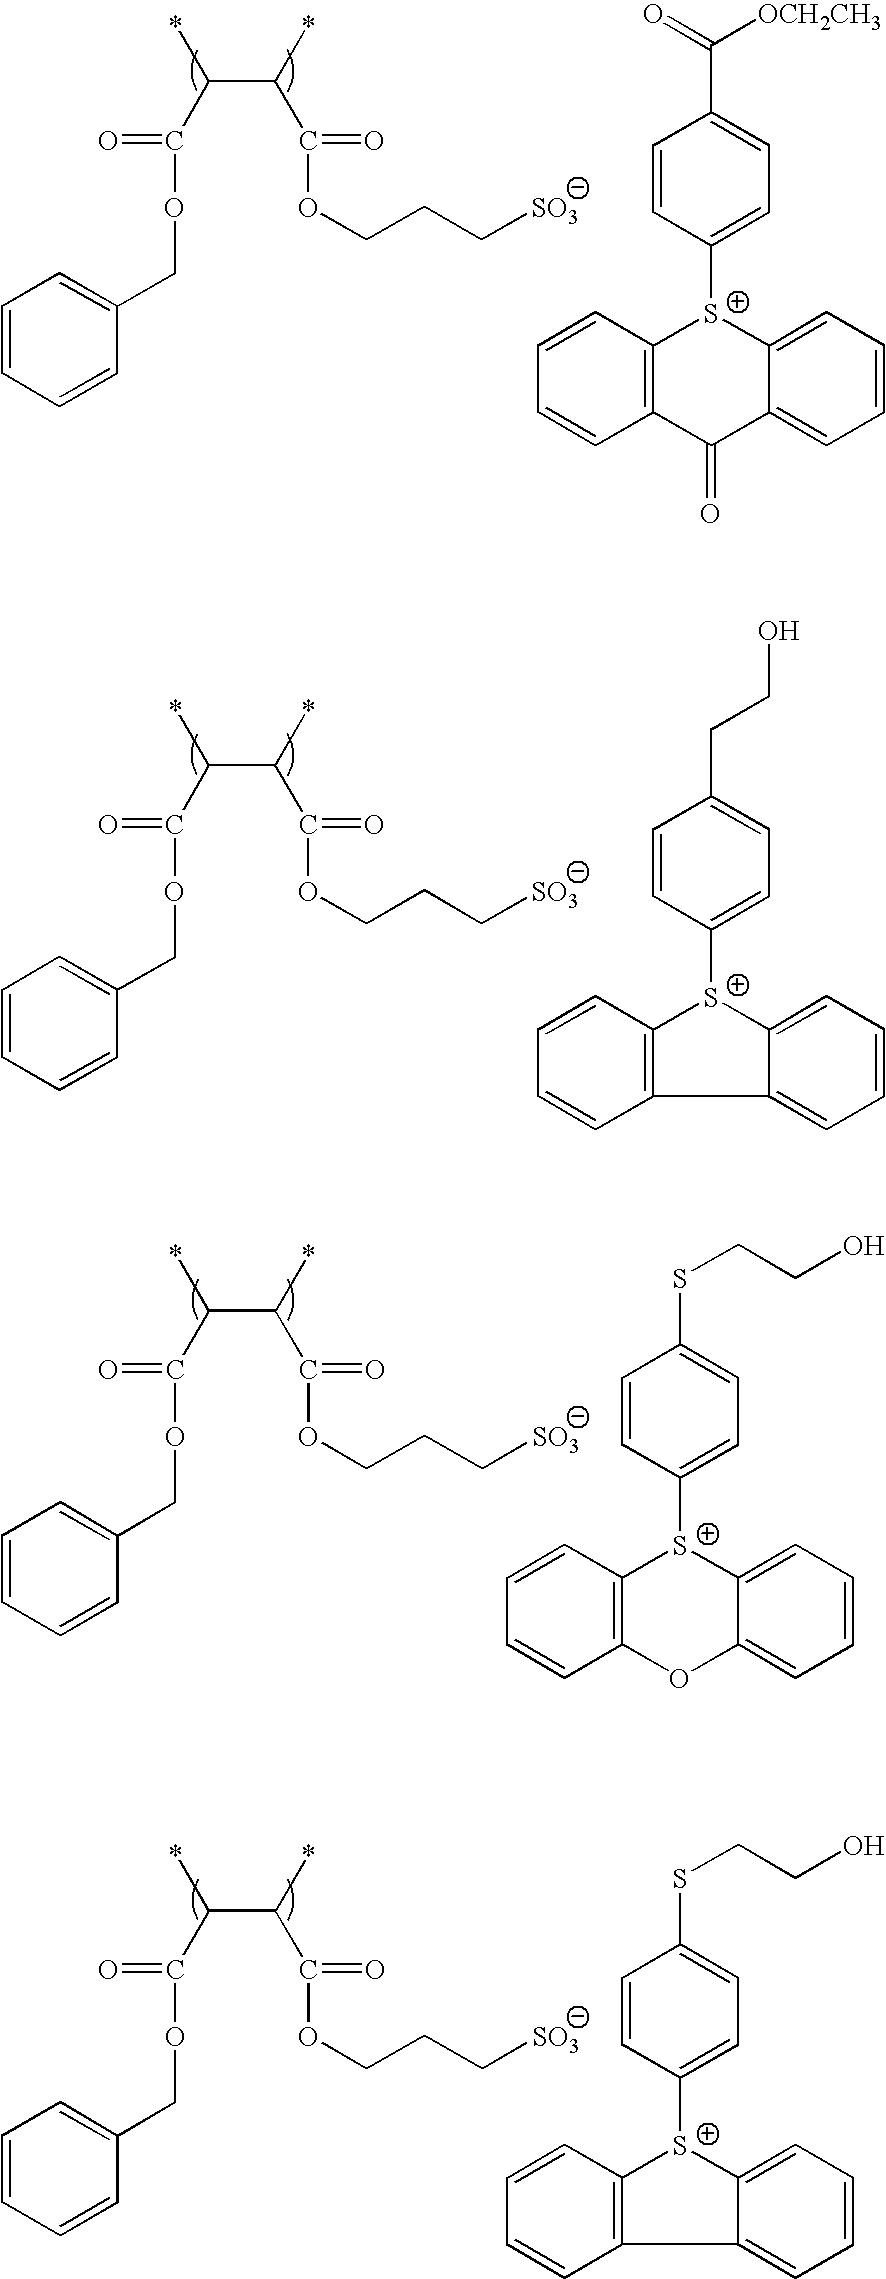 Figure US08852845-20141007-C00079